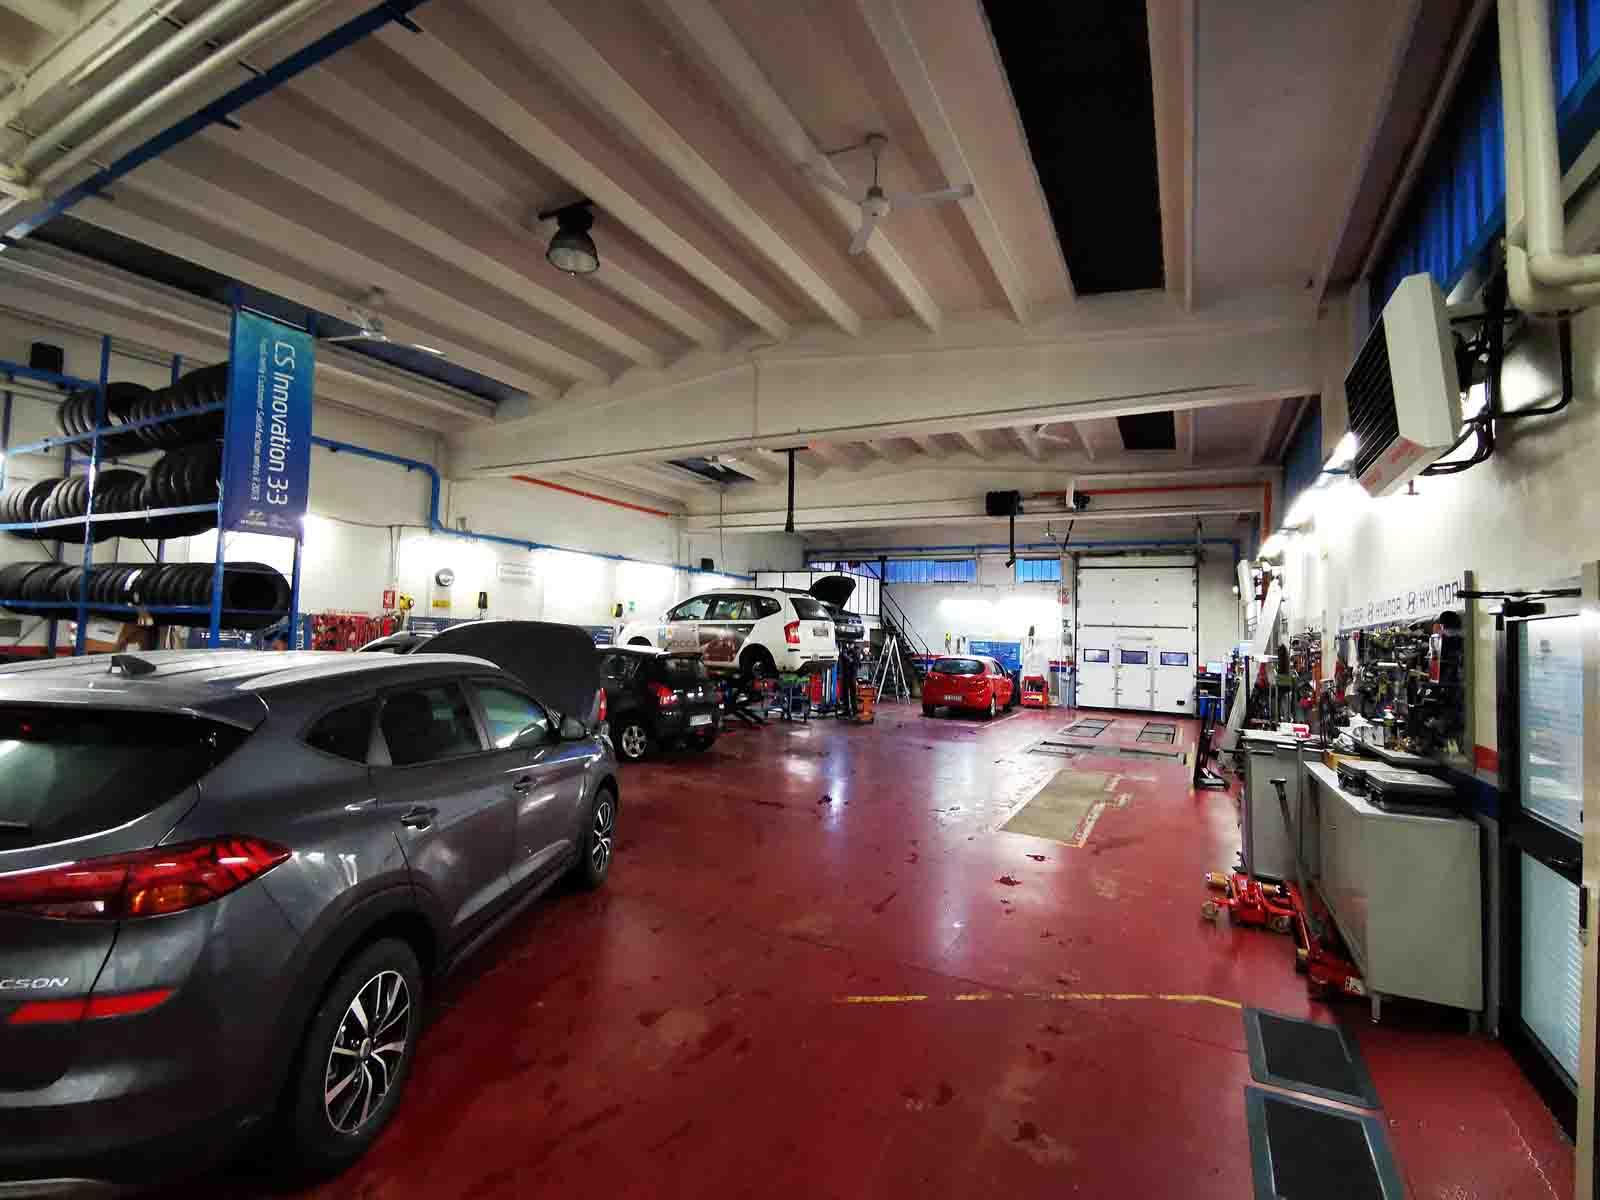 Revisioni Auto e Moto eurocar srl Milano 12  Revisioni Auto e Moto eurocar srl Milano 12